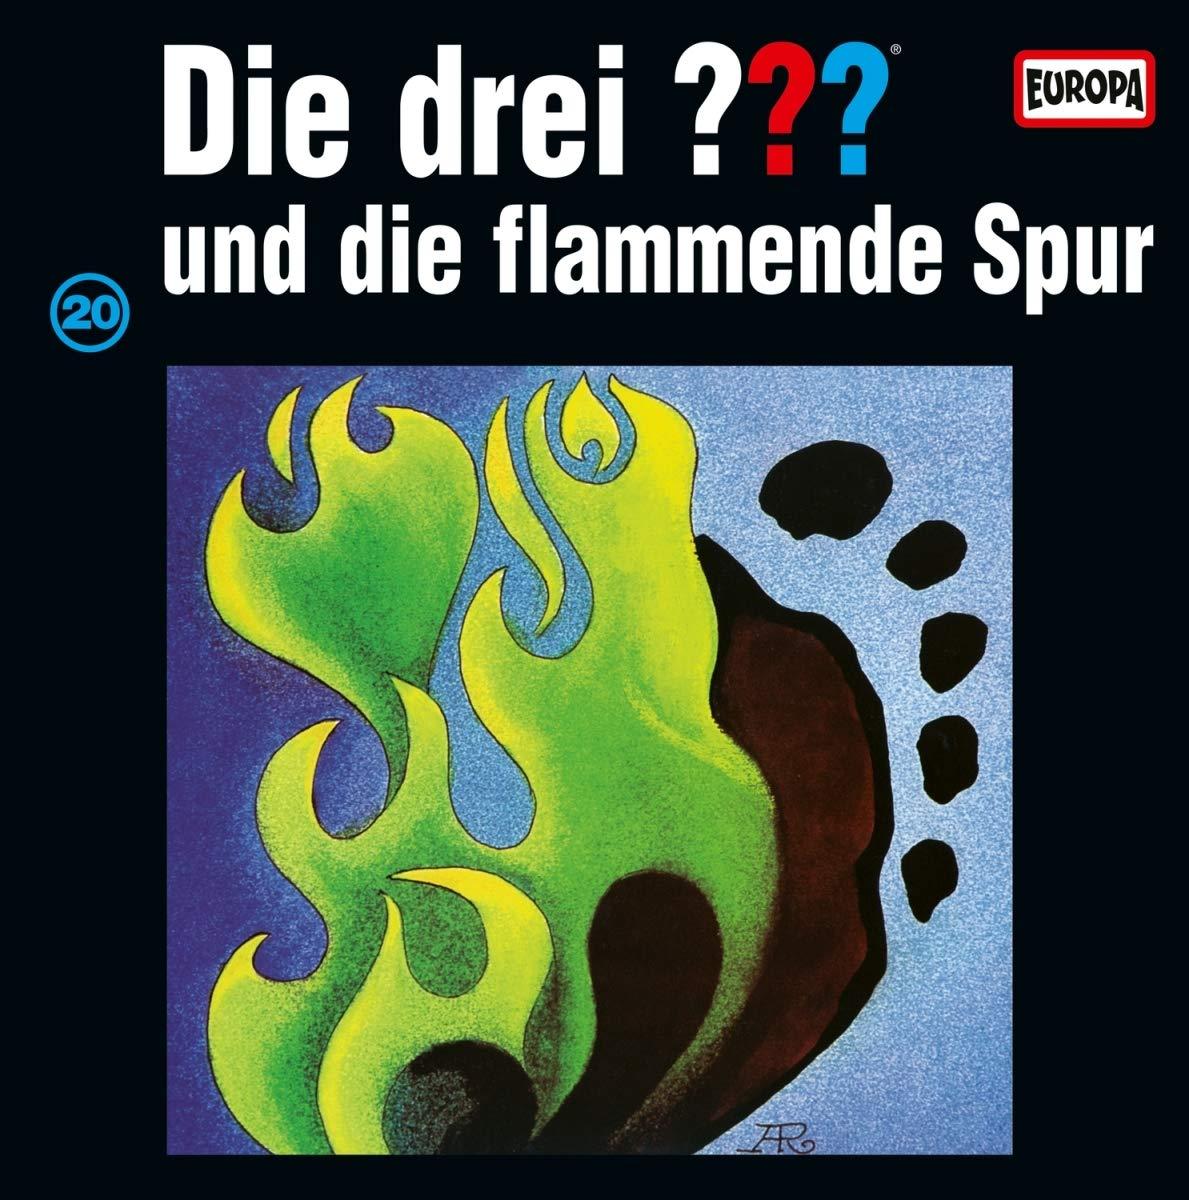 020und Die Flammende Spur Vinyl Lp